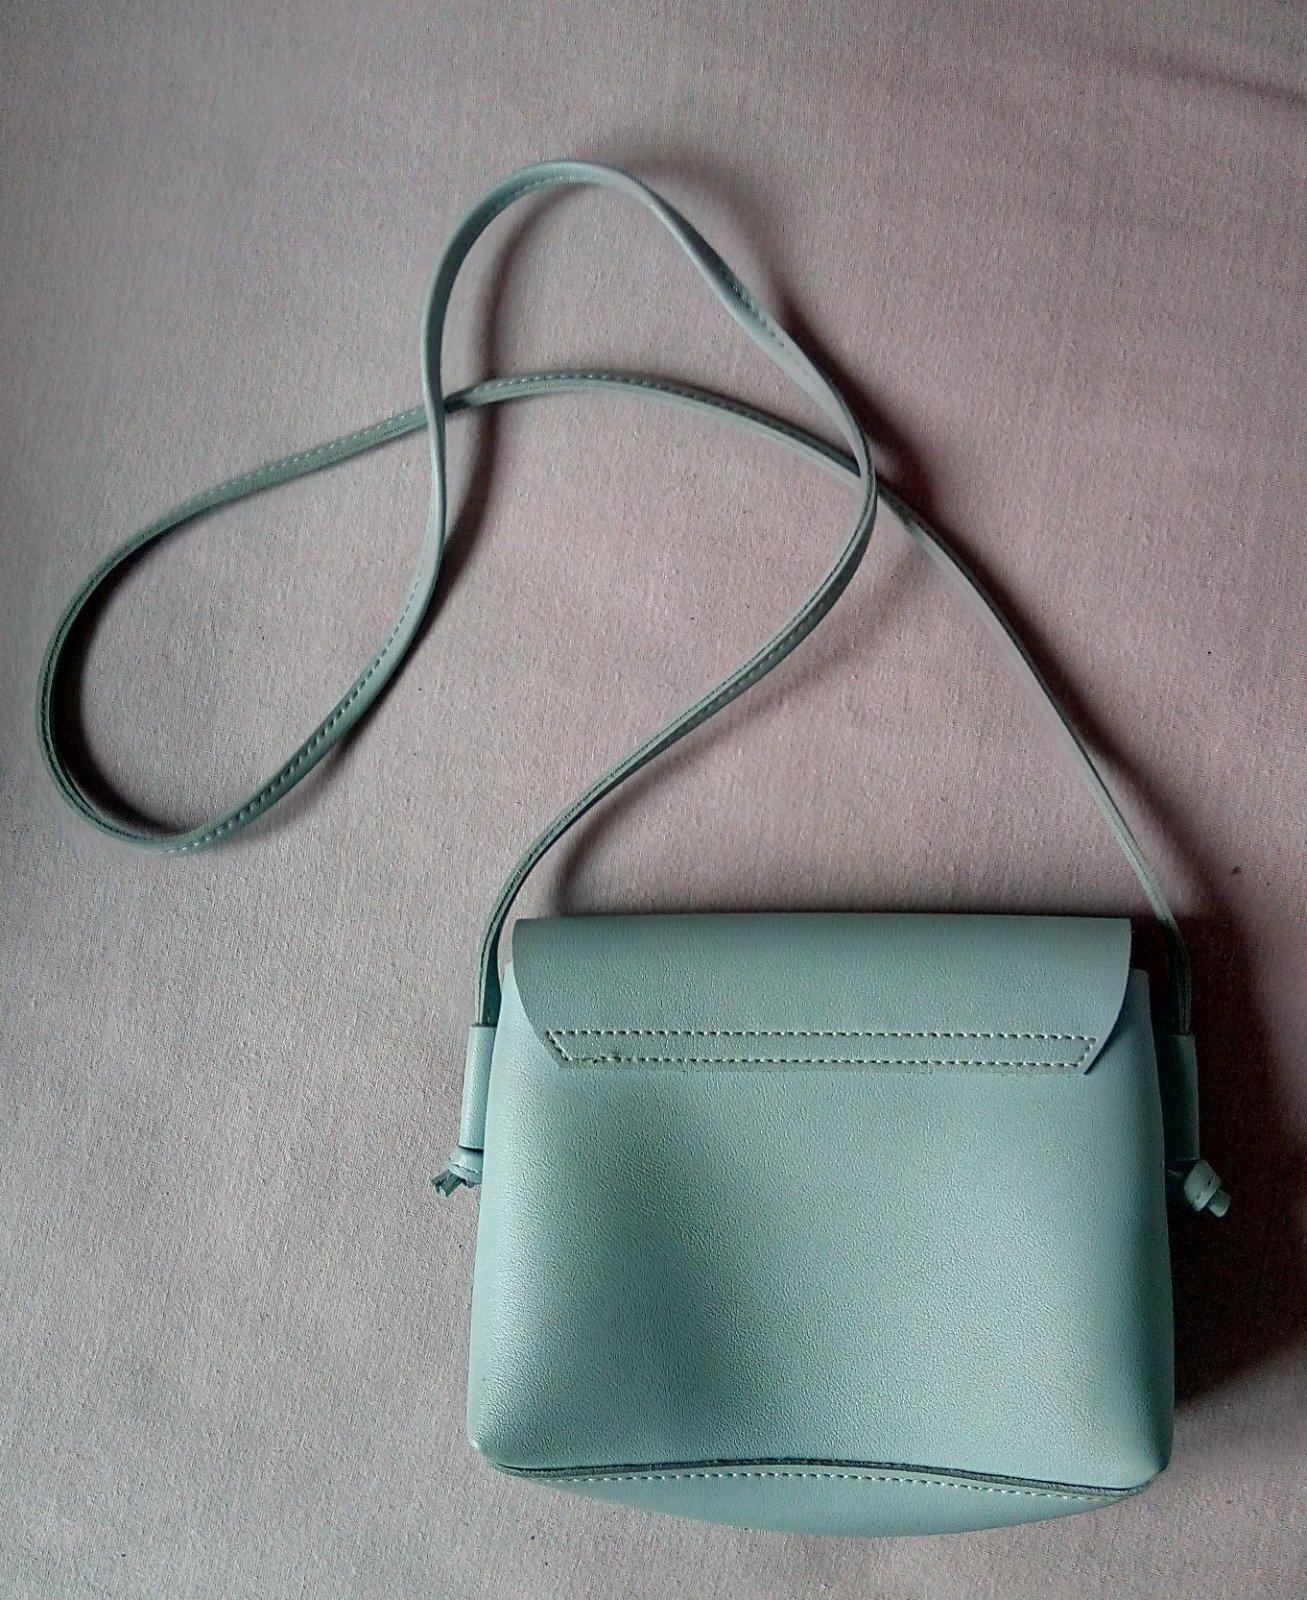 Bledomodrá malá crossbody kabelka - Obrázok č. 2